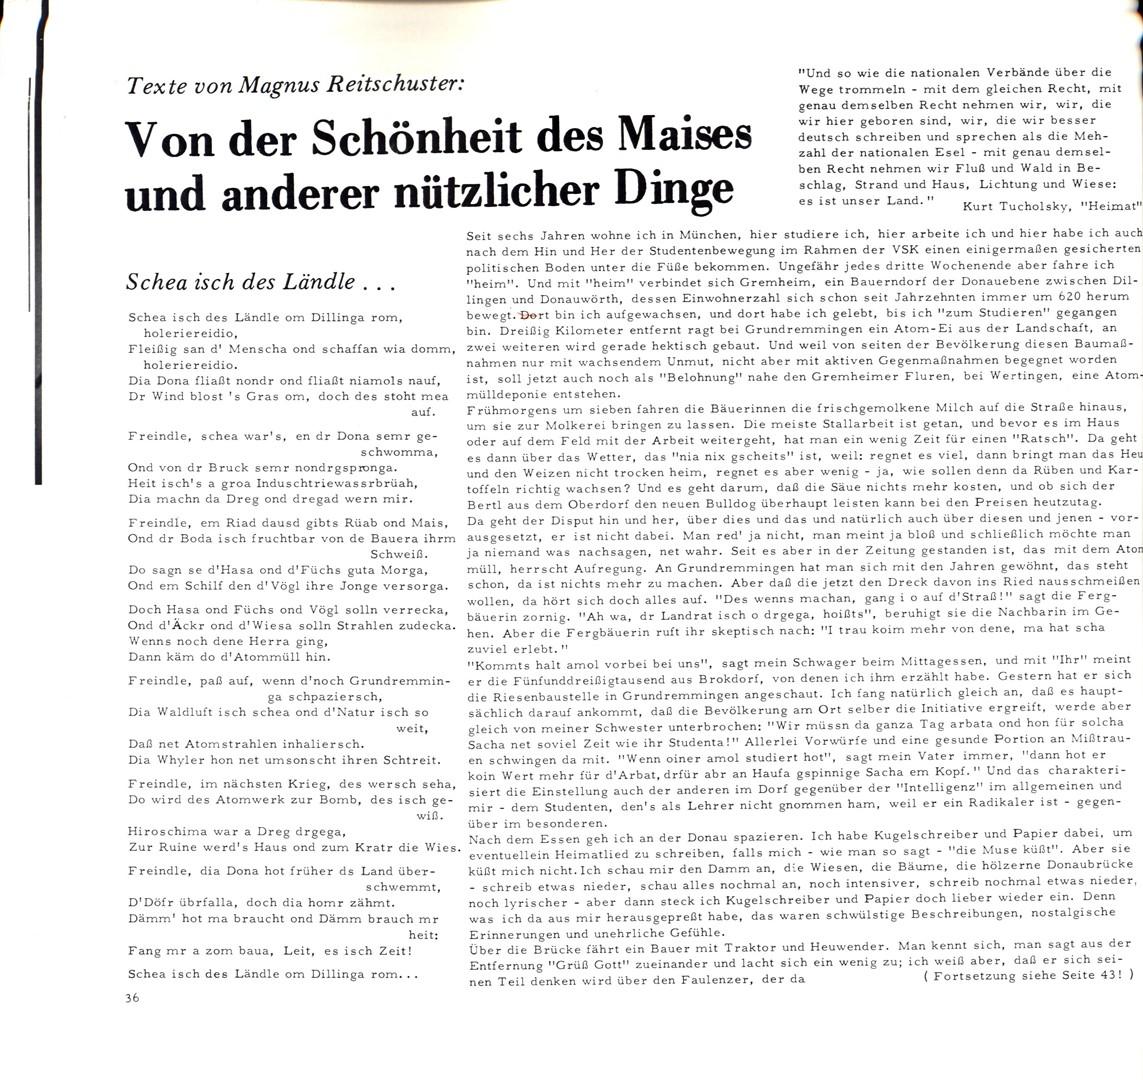 VSK_Kaempfende_Kunst_19771200_36